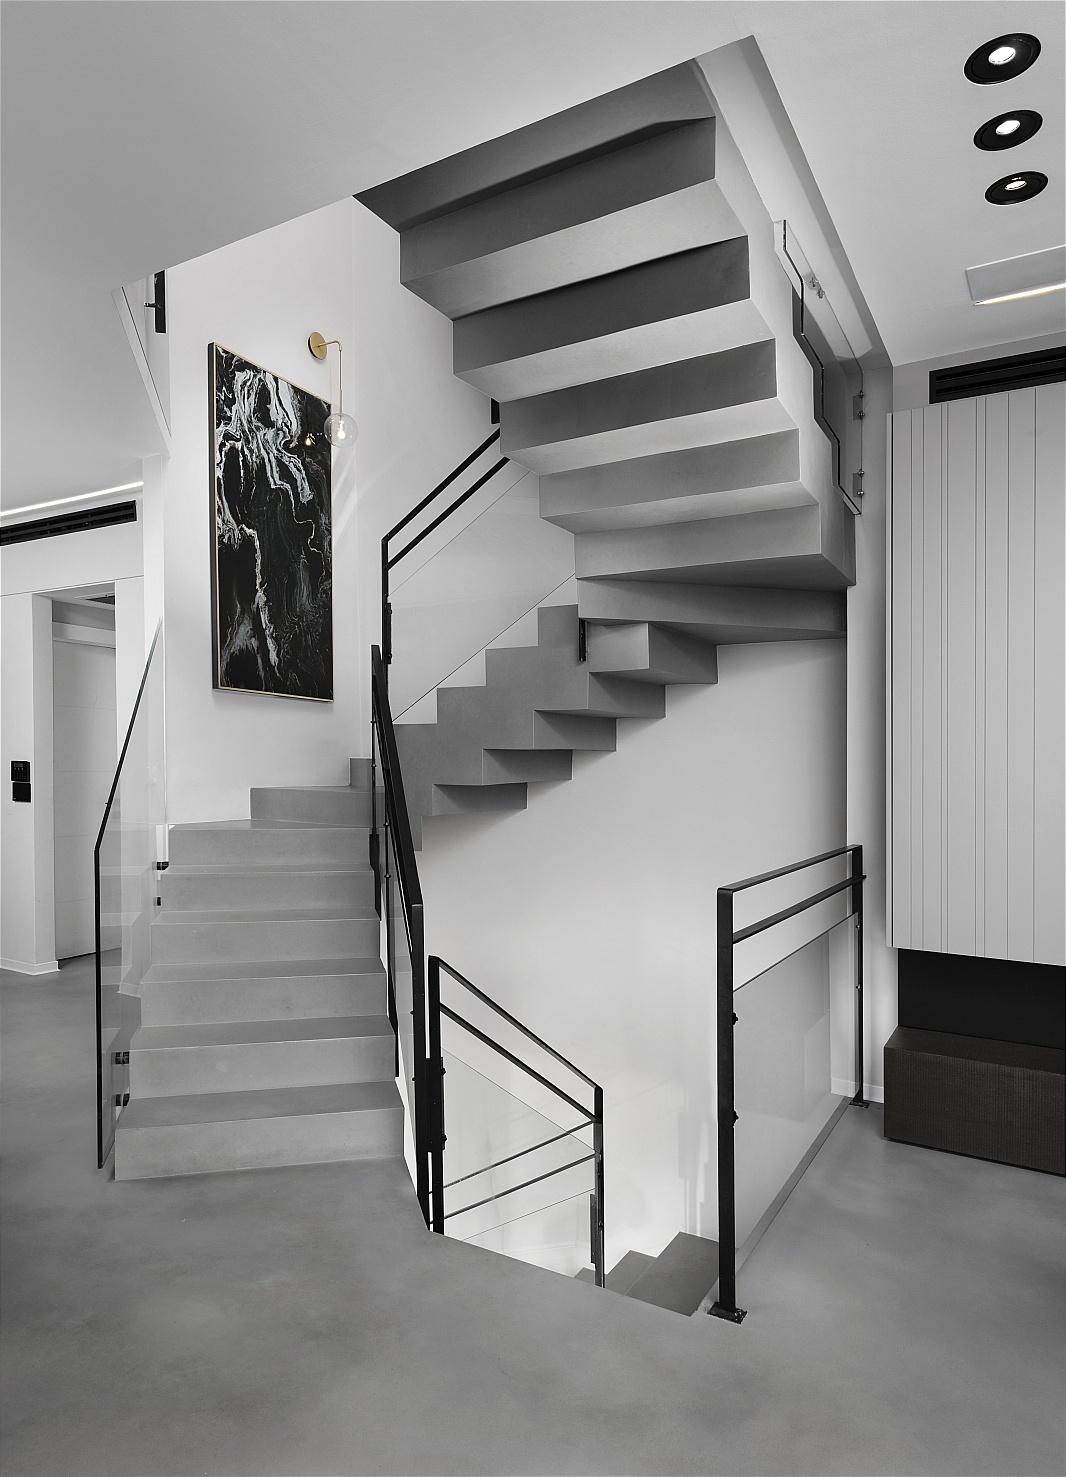 עיצוב בית - בטון אדריכלי